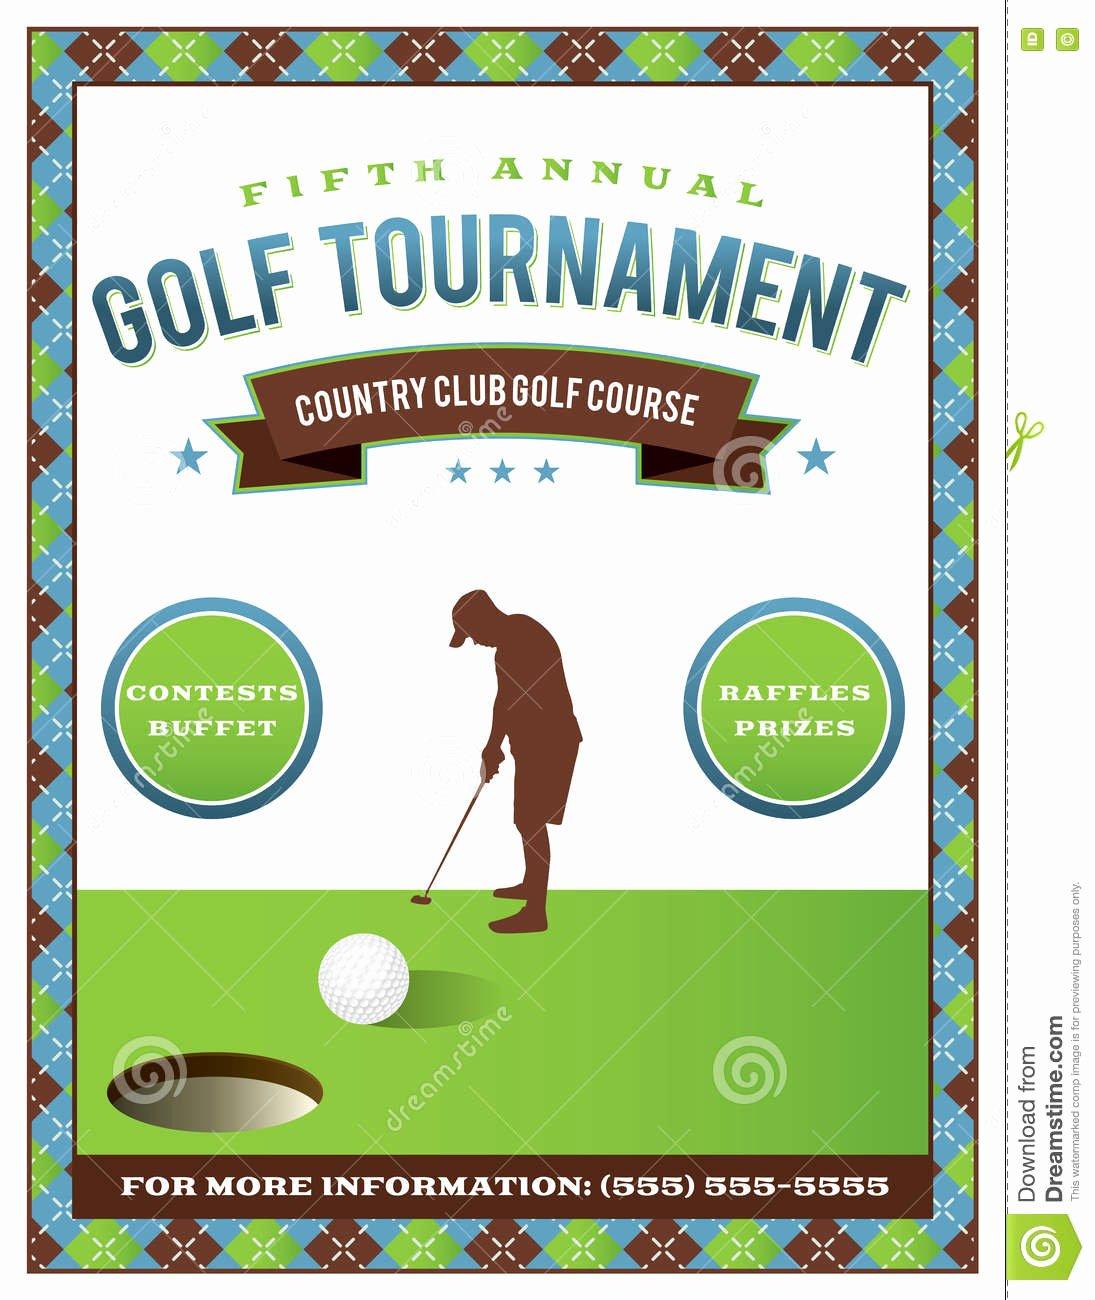 Golf tournament Flyers Template Unique Free Golf tournament Flyer Template